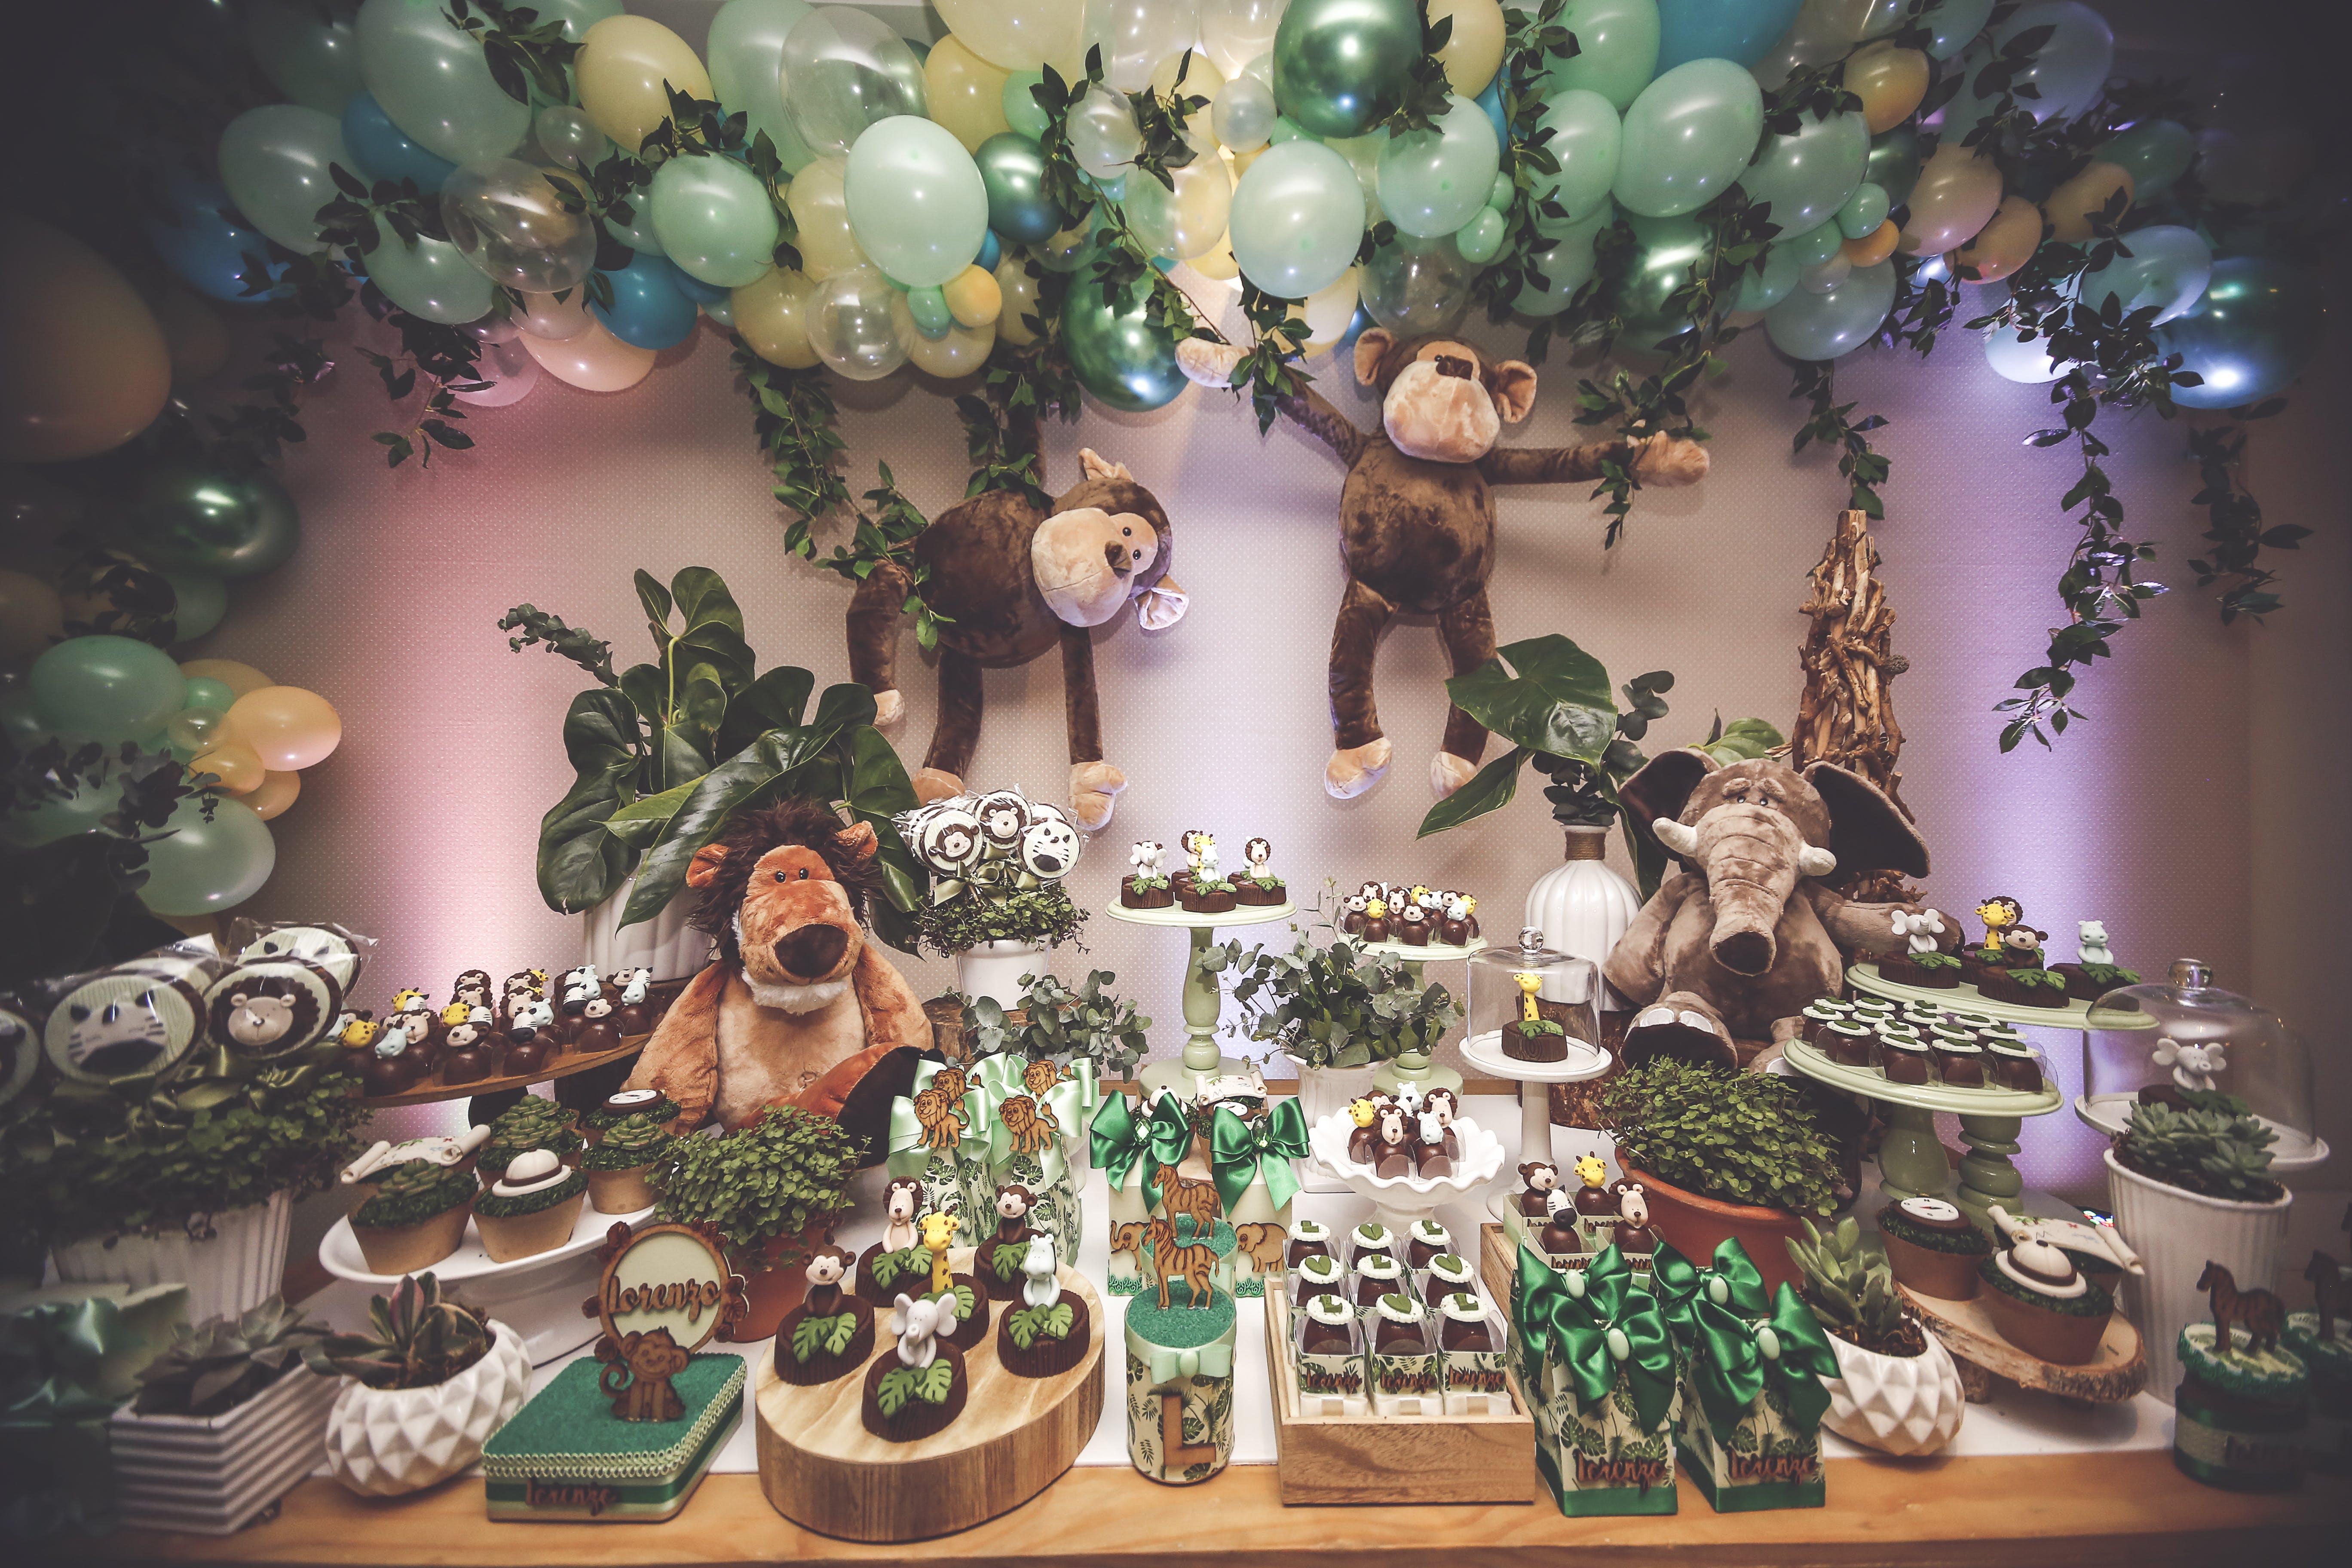 Δωρεάν στοκ φωτογραφιών με αρτοσκευάσματα, διακόσμηση, εορτασμός, επιδόρπιο